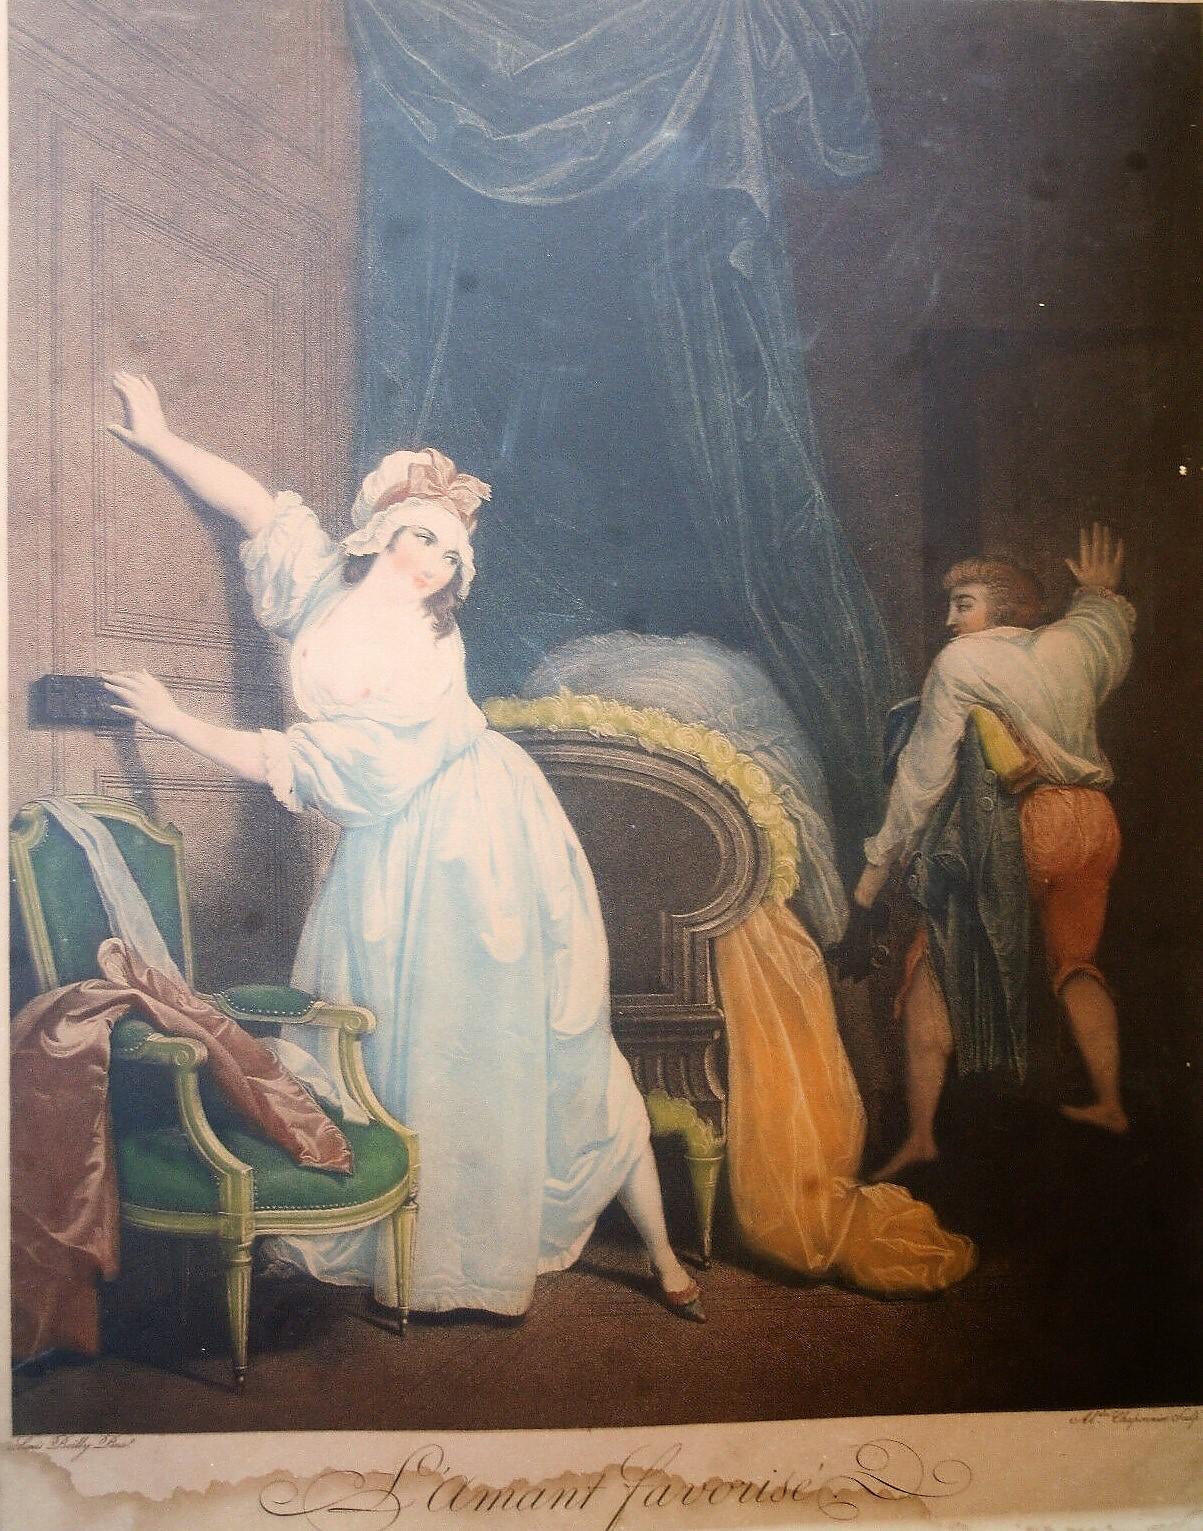 Boilly 1791 C1 L'amant favorise gravure de Chaponnier